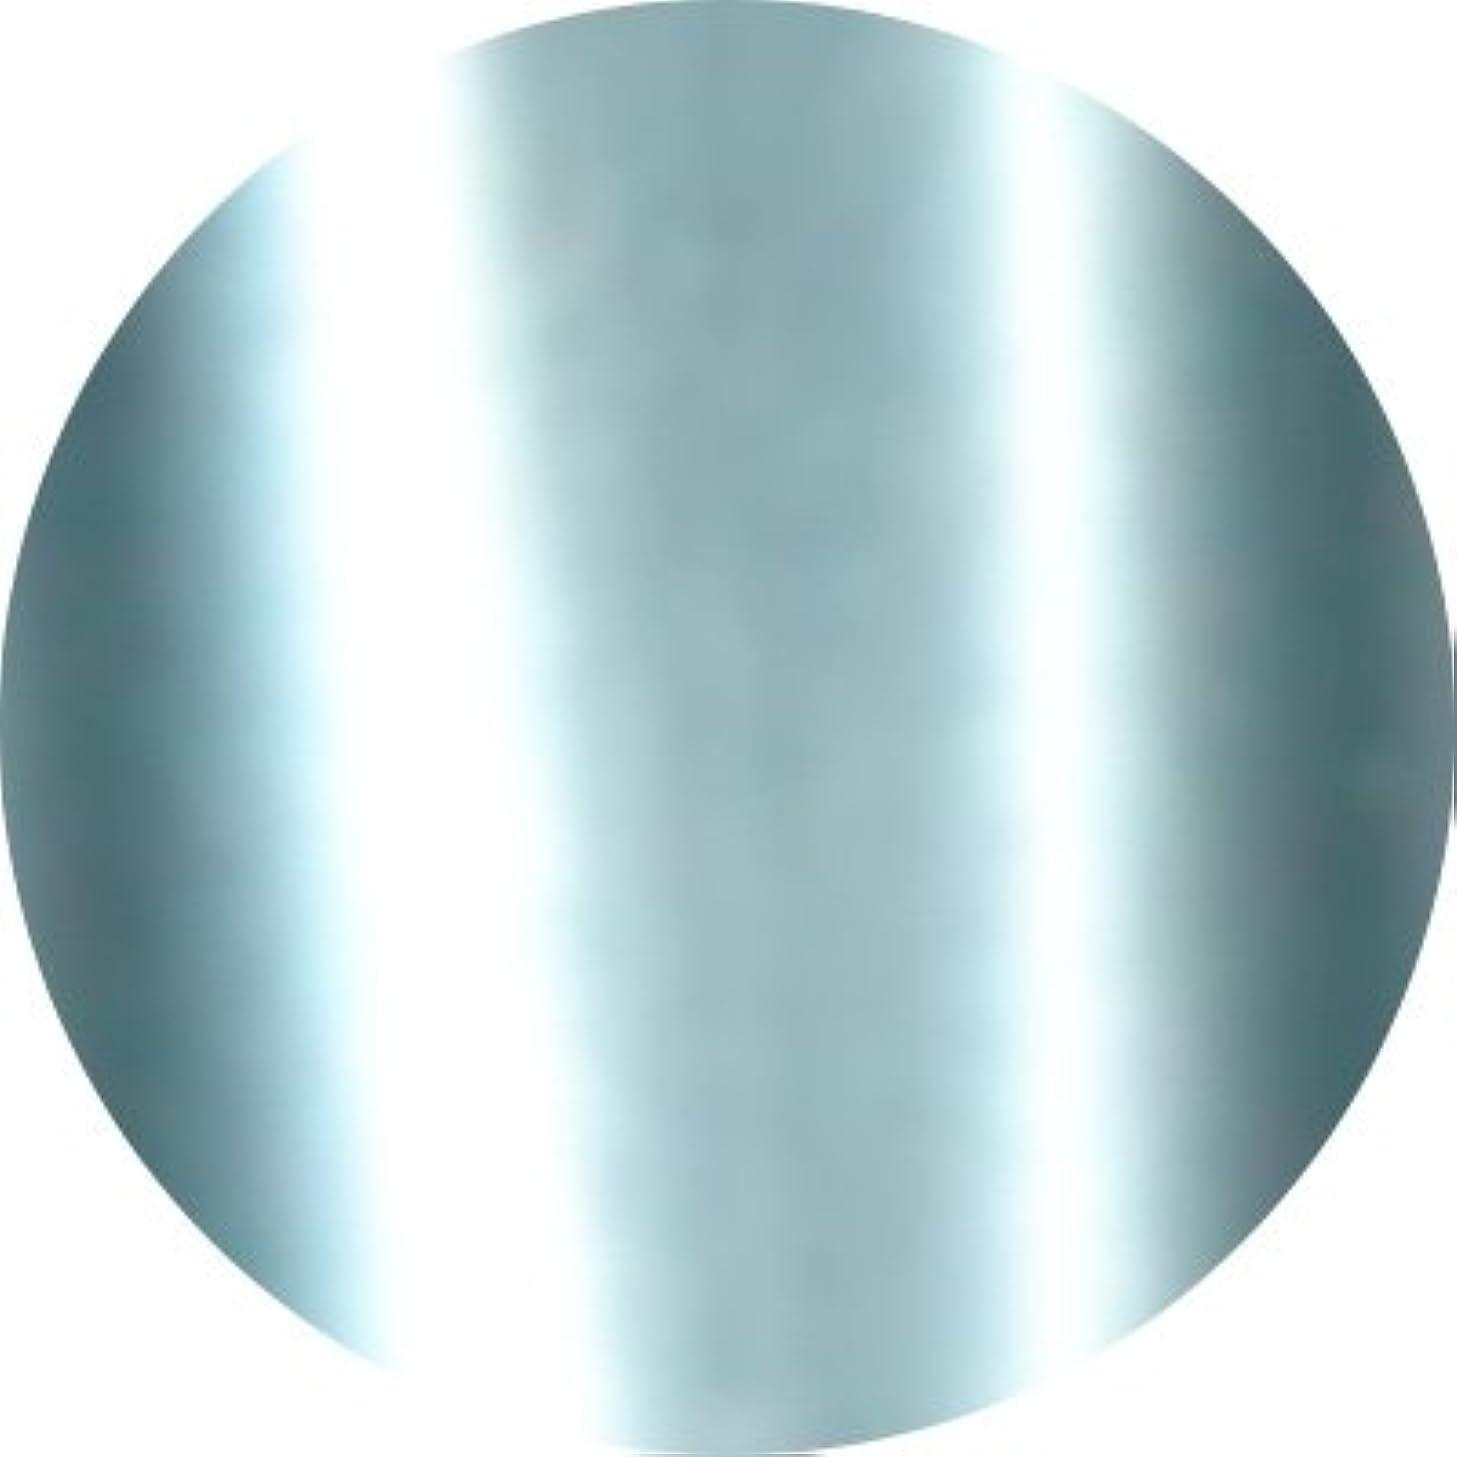 フリース明るいスワップJewelry jel(ジュエリージェル) カラージェル 5ml<BR>メタリック MT015